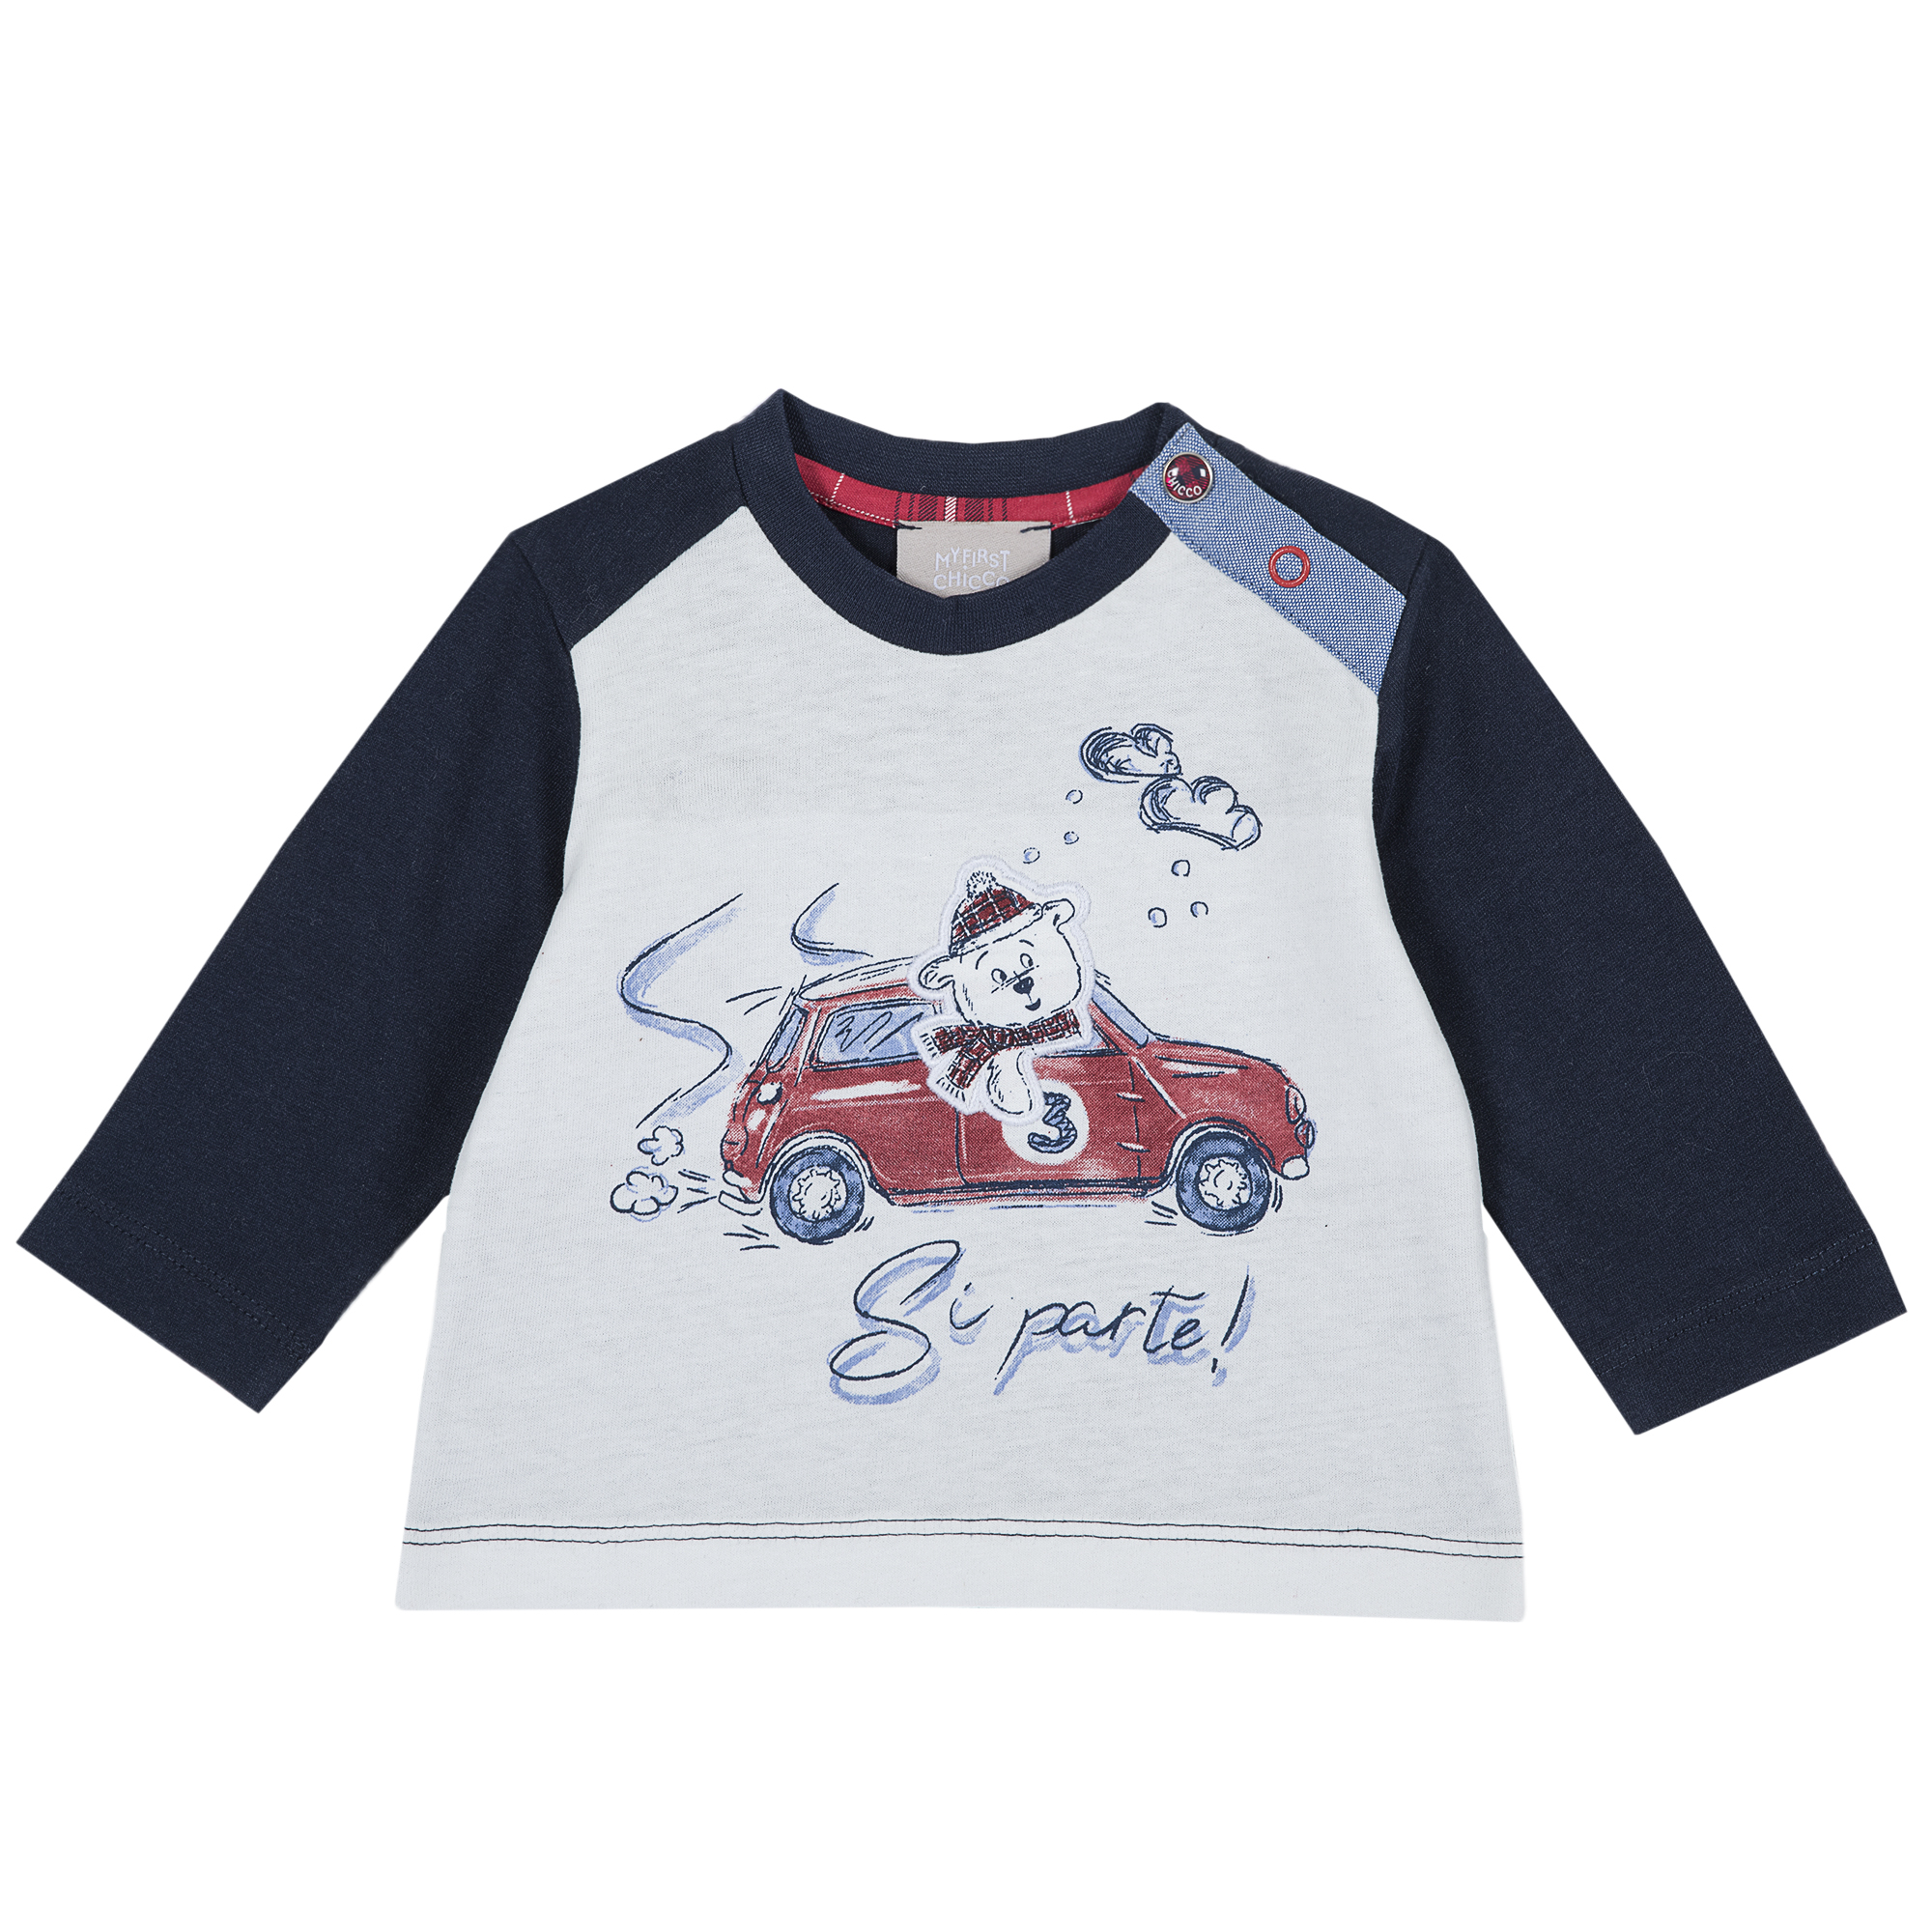 Tricou Copii Chicco, Maneca Lunga Imprimeu Ursulet, 06803